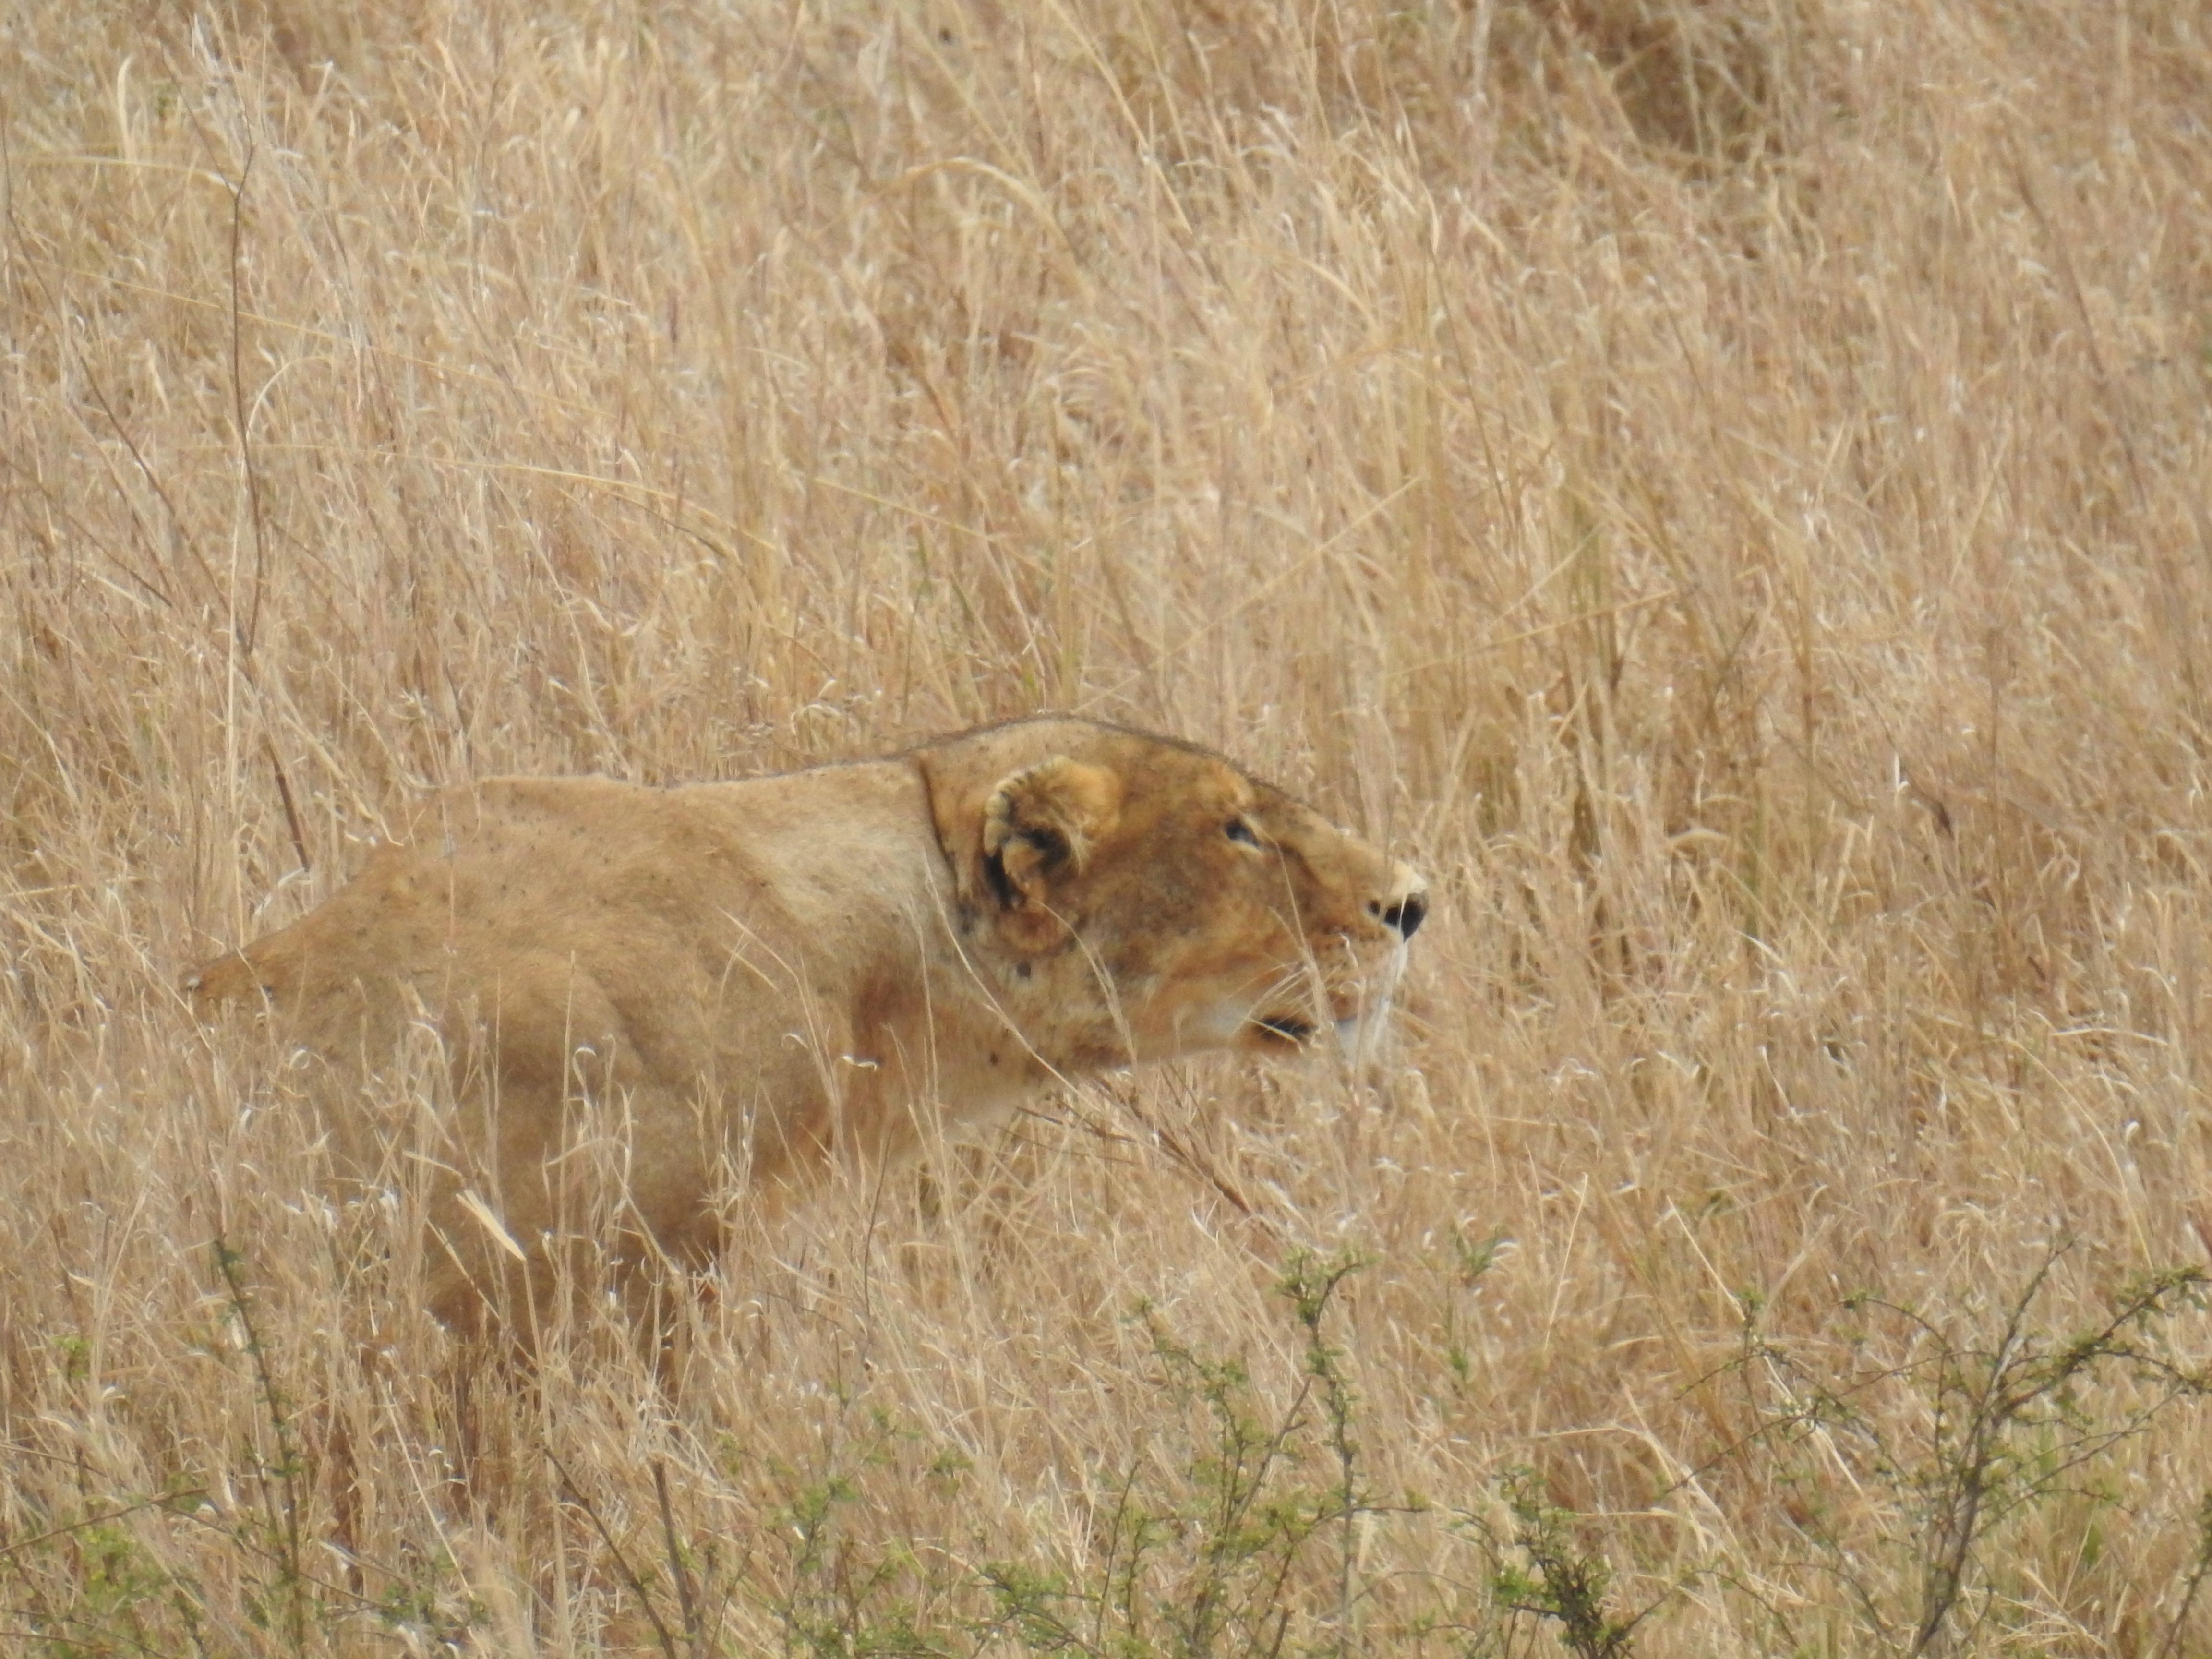 Lioness_focused.jpg